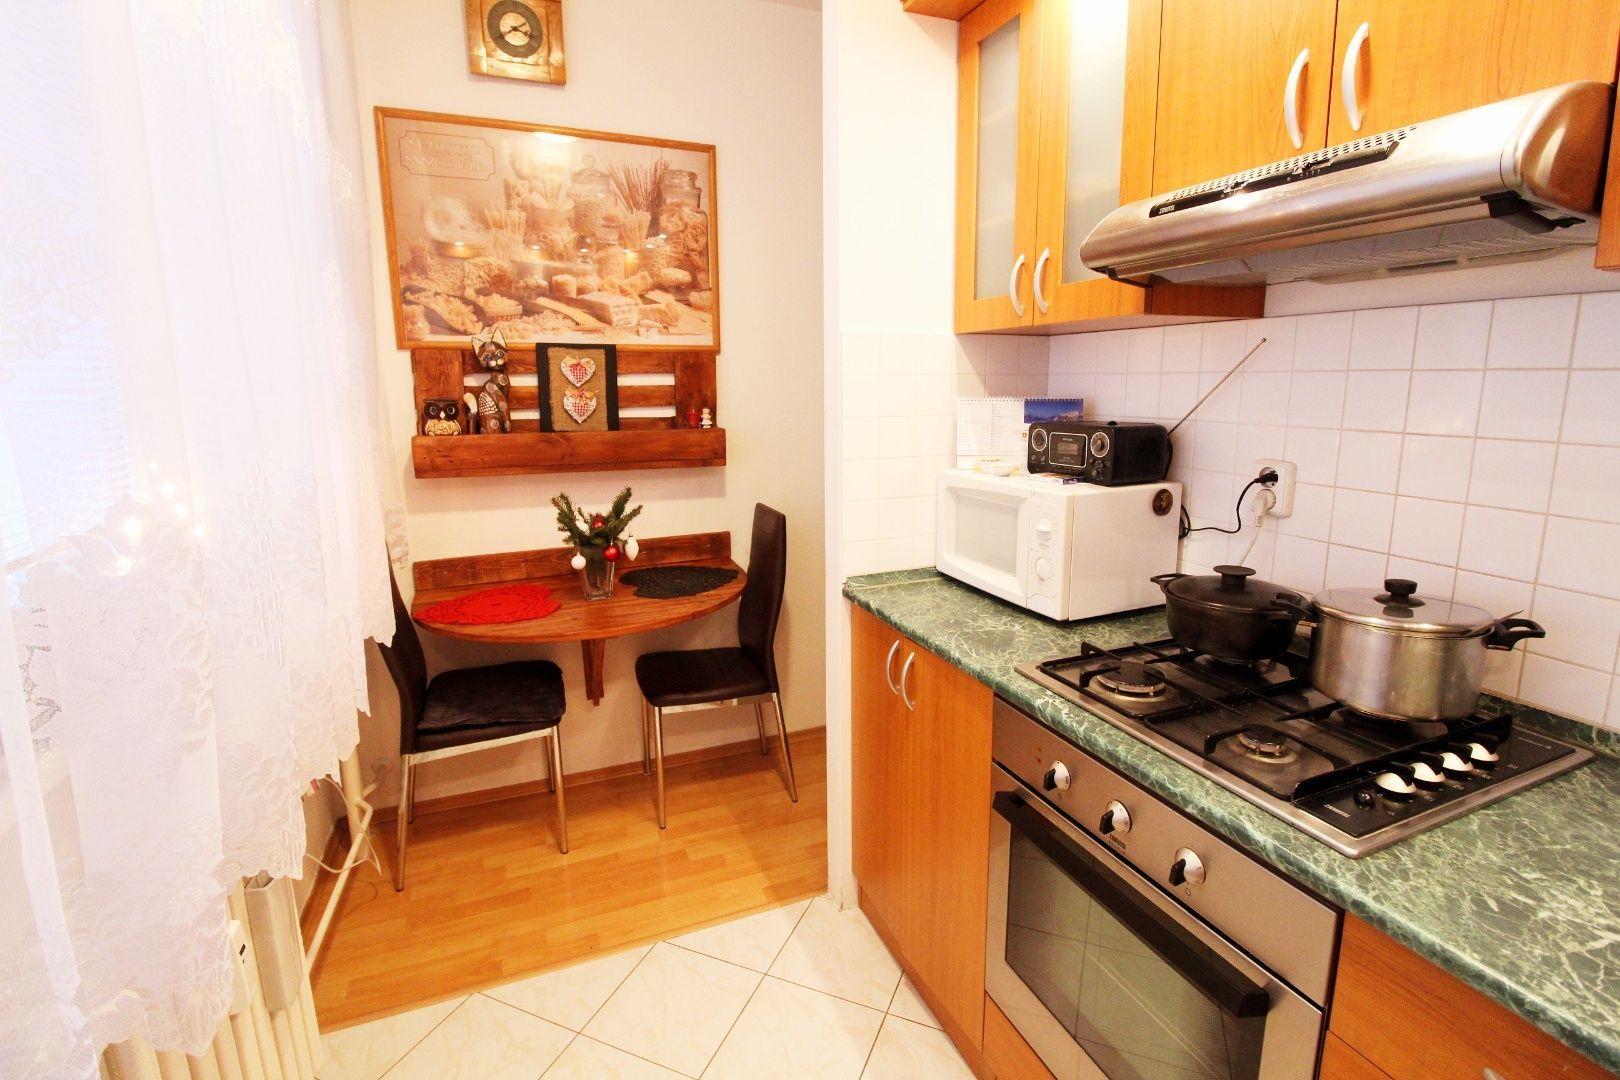 1-izbový byt-Predaj-Bratislava - mestská časť Dúbravka-115000.00 €